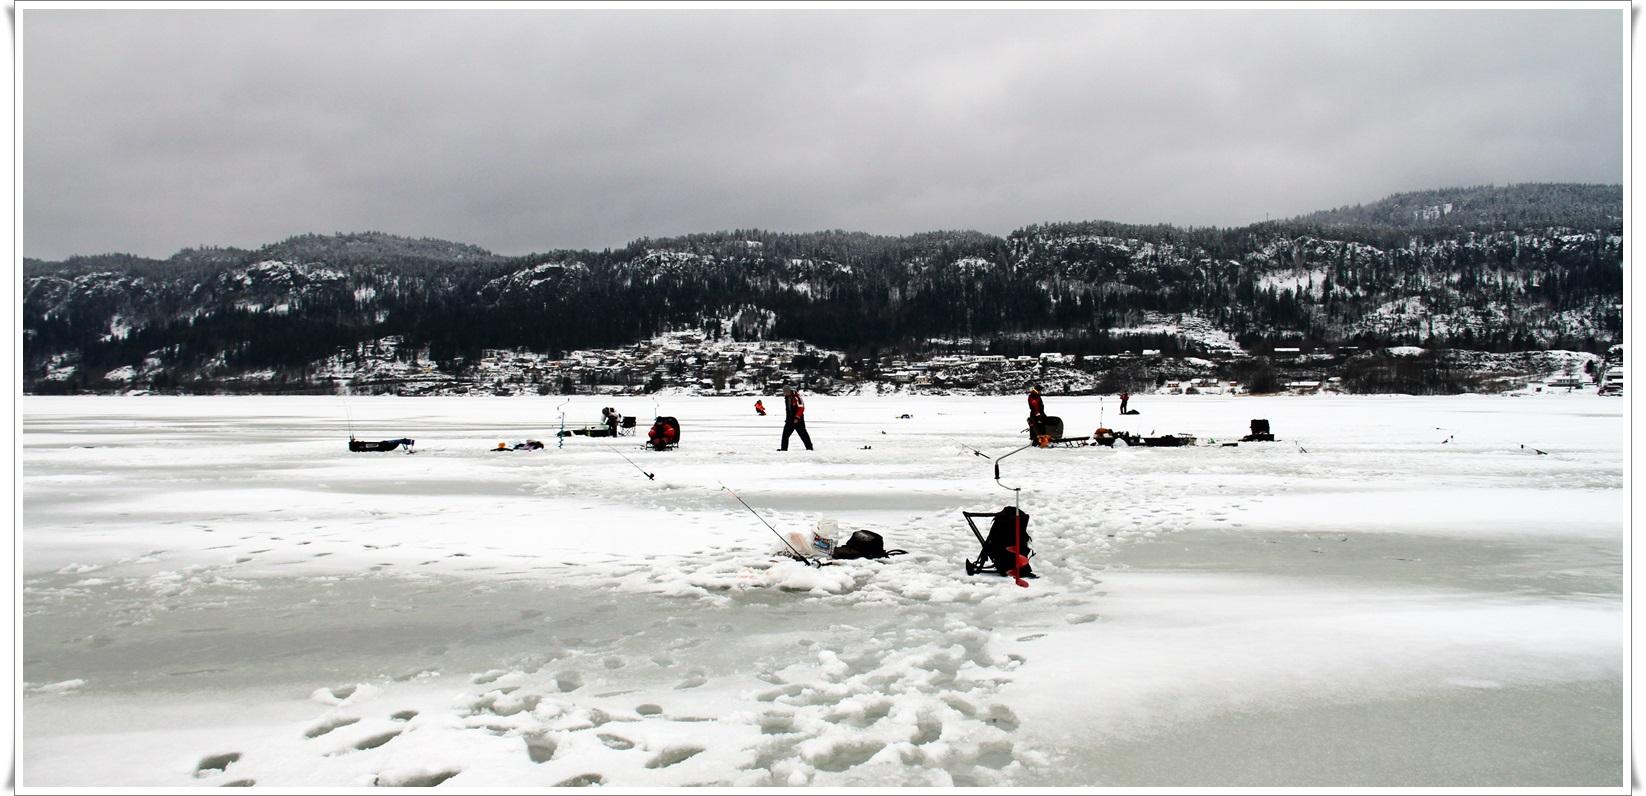 Det var folksomt på isen, både profilerte artsfiskere og lokale hobbyfiskere var der i hopetall